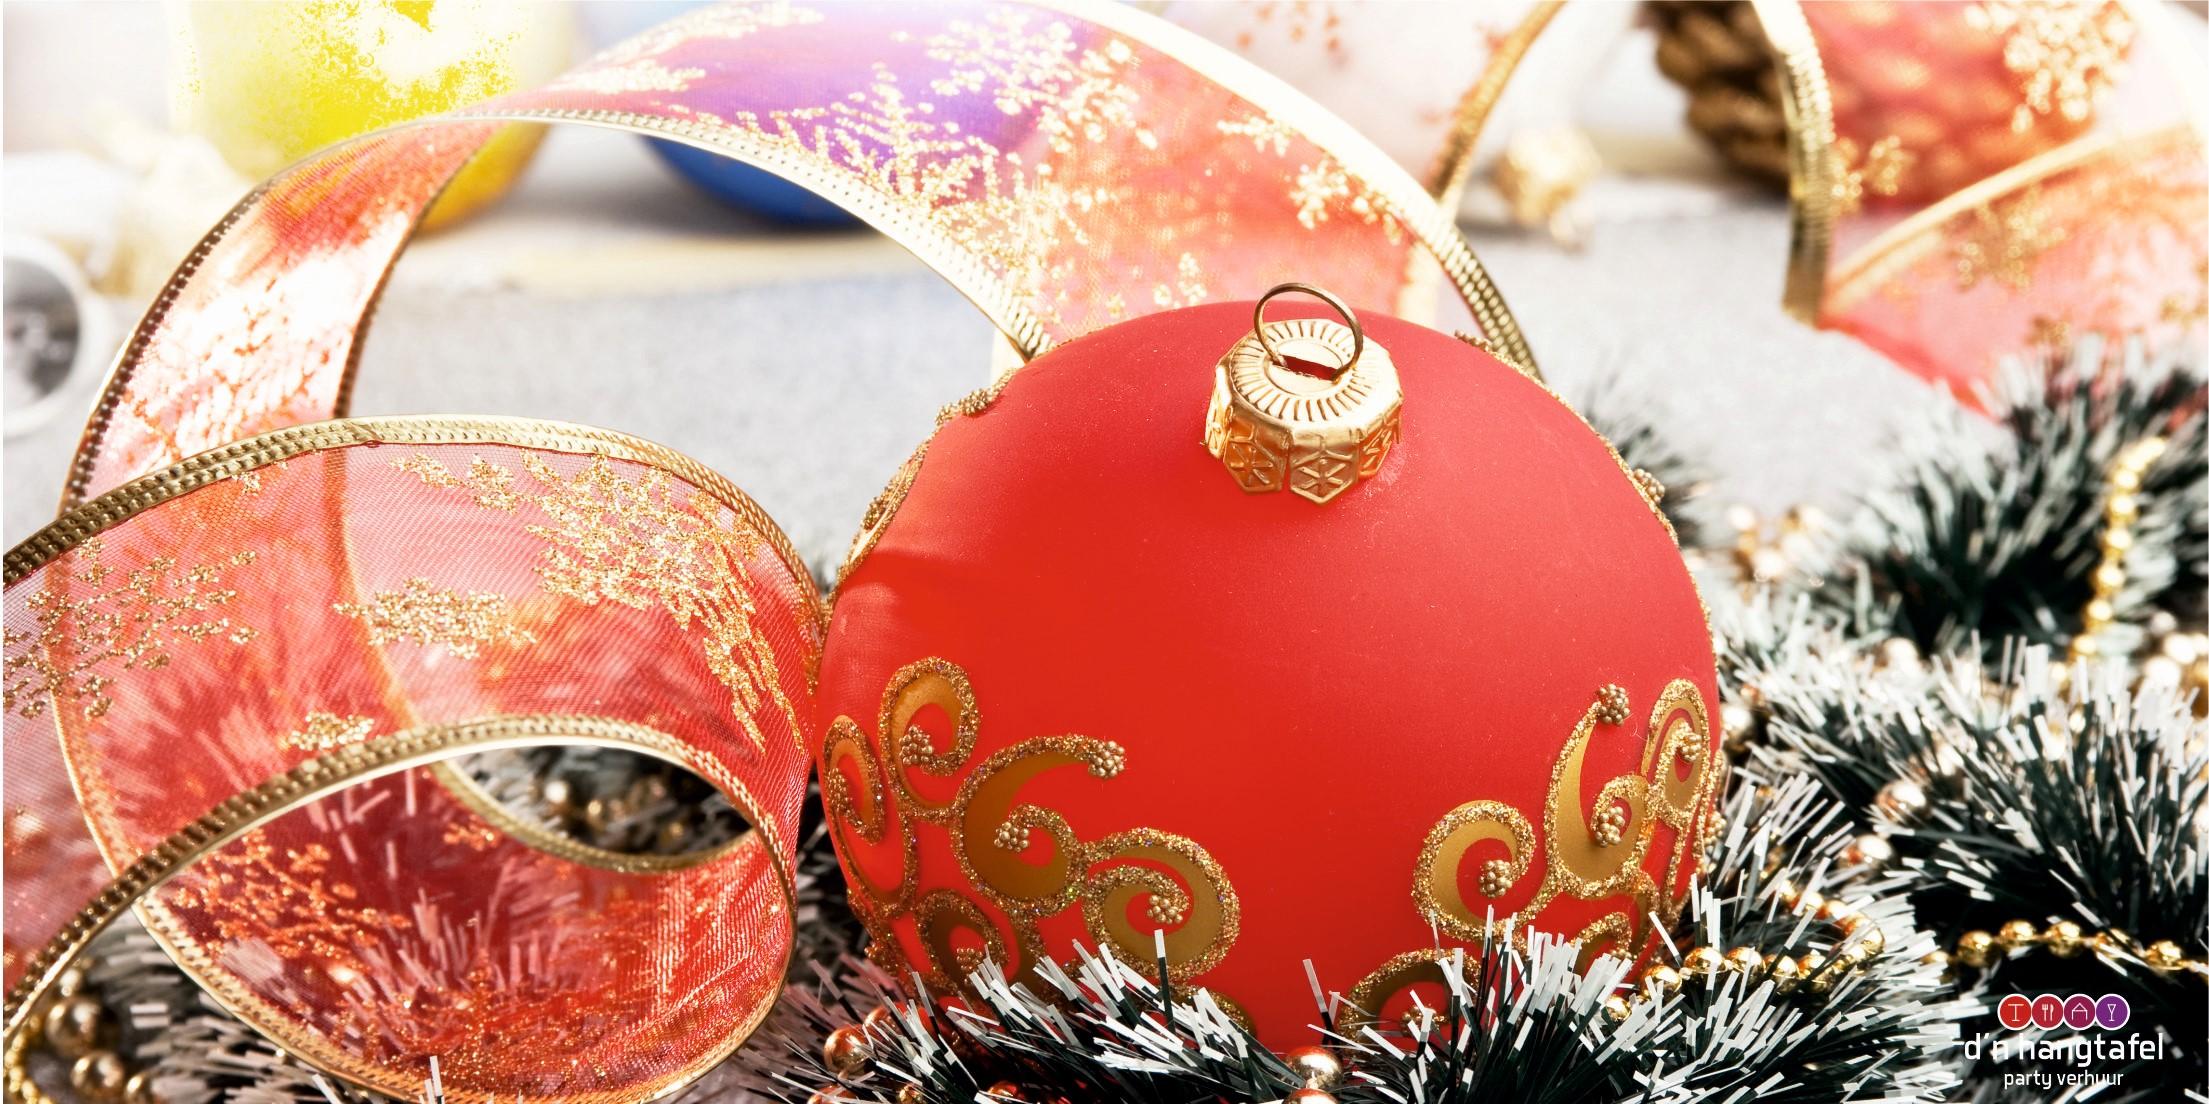 Bouwhek met kerst thema doek (kerstbal met slingers)